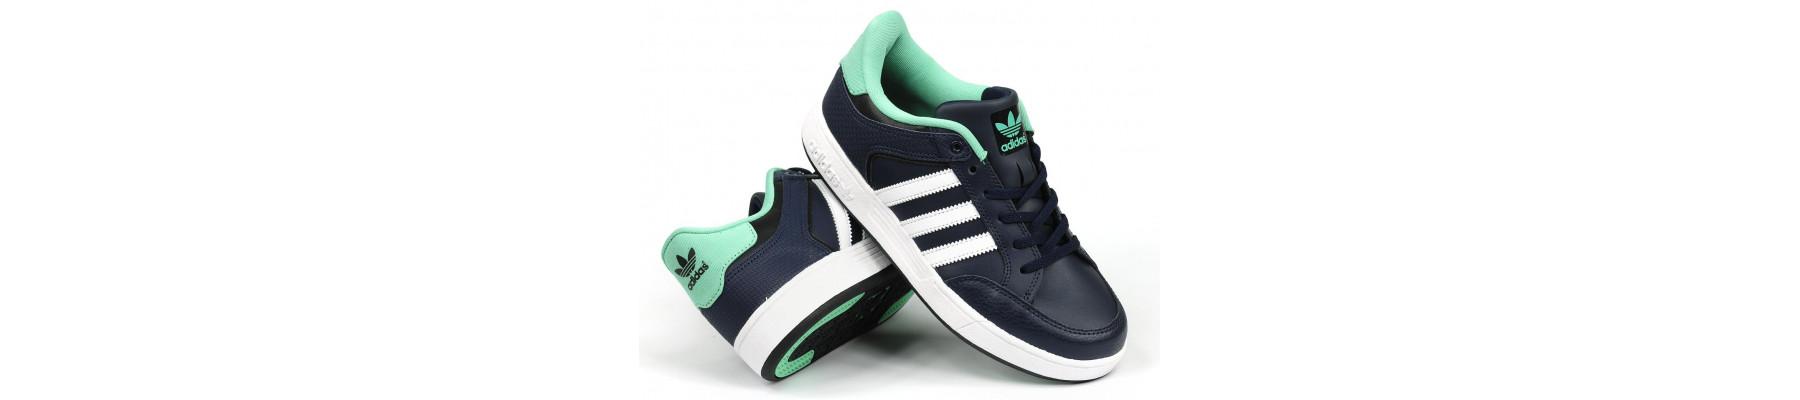 Adidas Varial J NavyMn